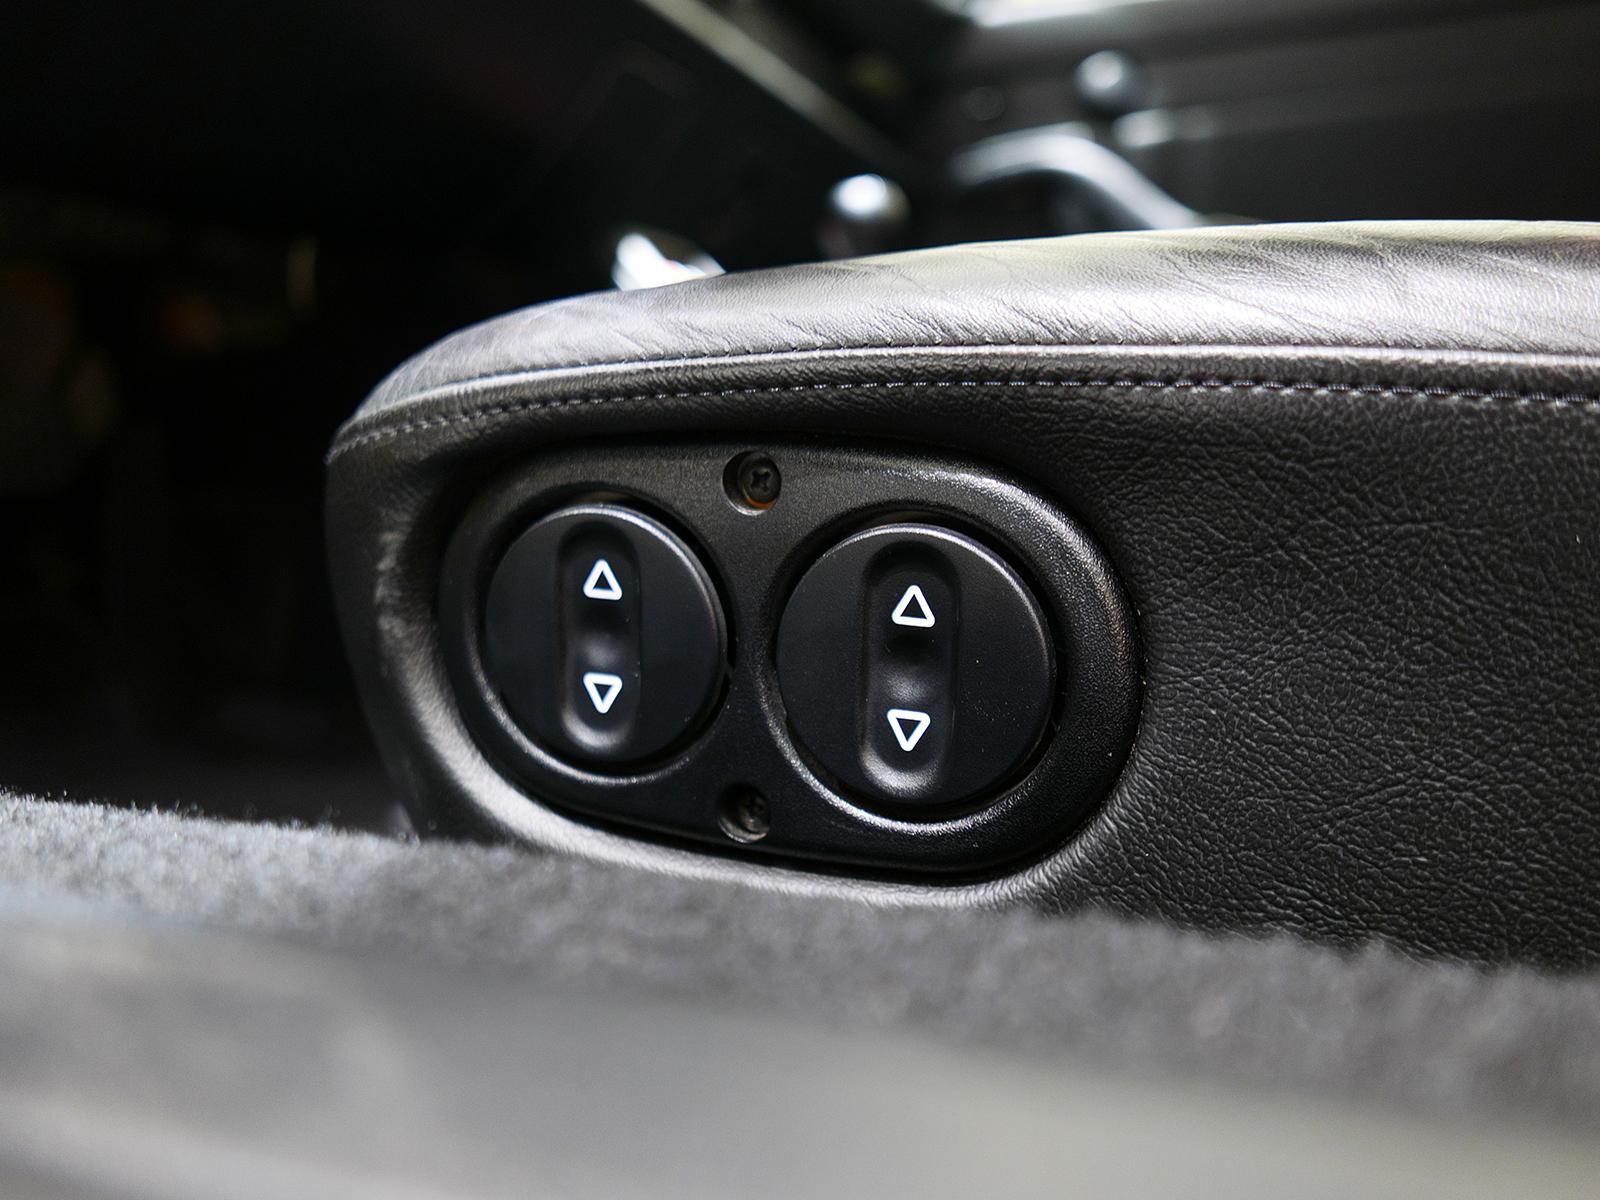 ポルシェ 911 タイプ993 カレラ タイプ Ⅰ シートスイッチ